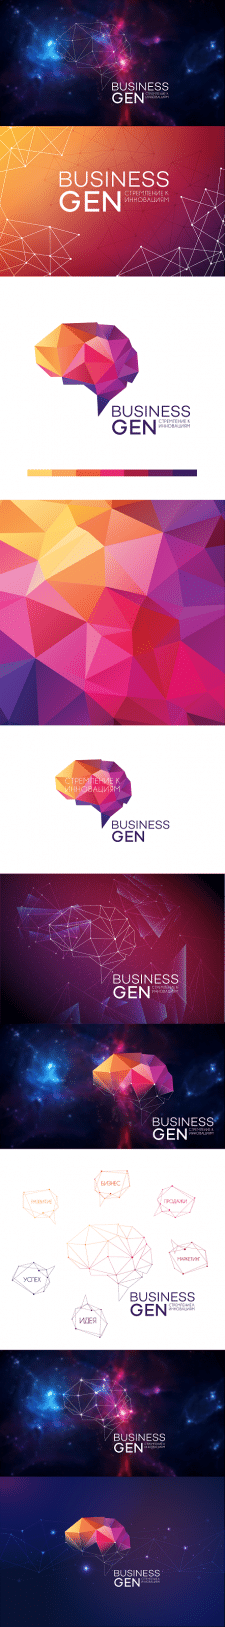 business gen